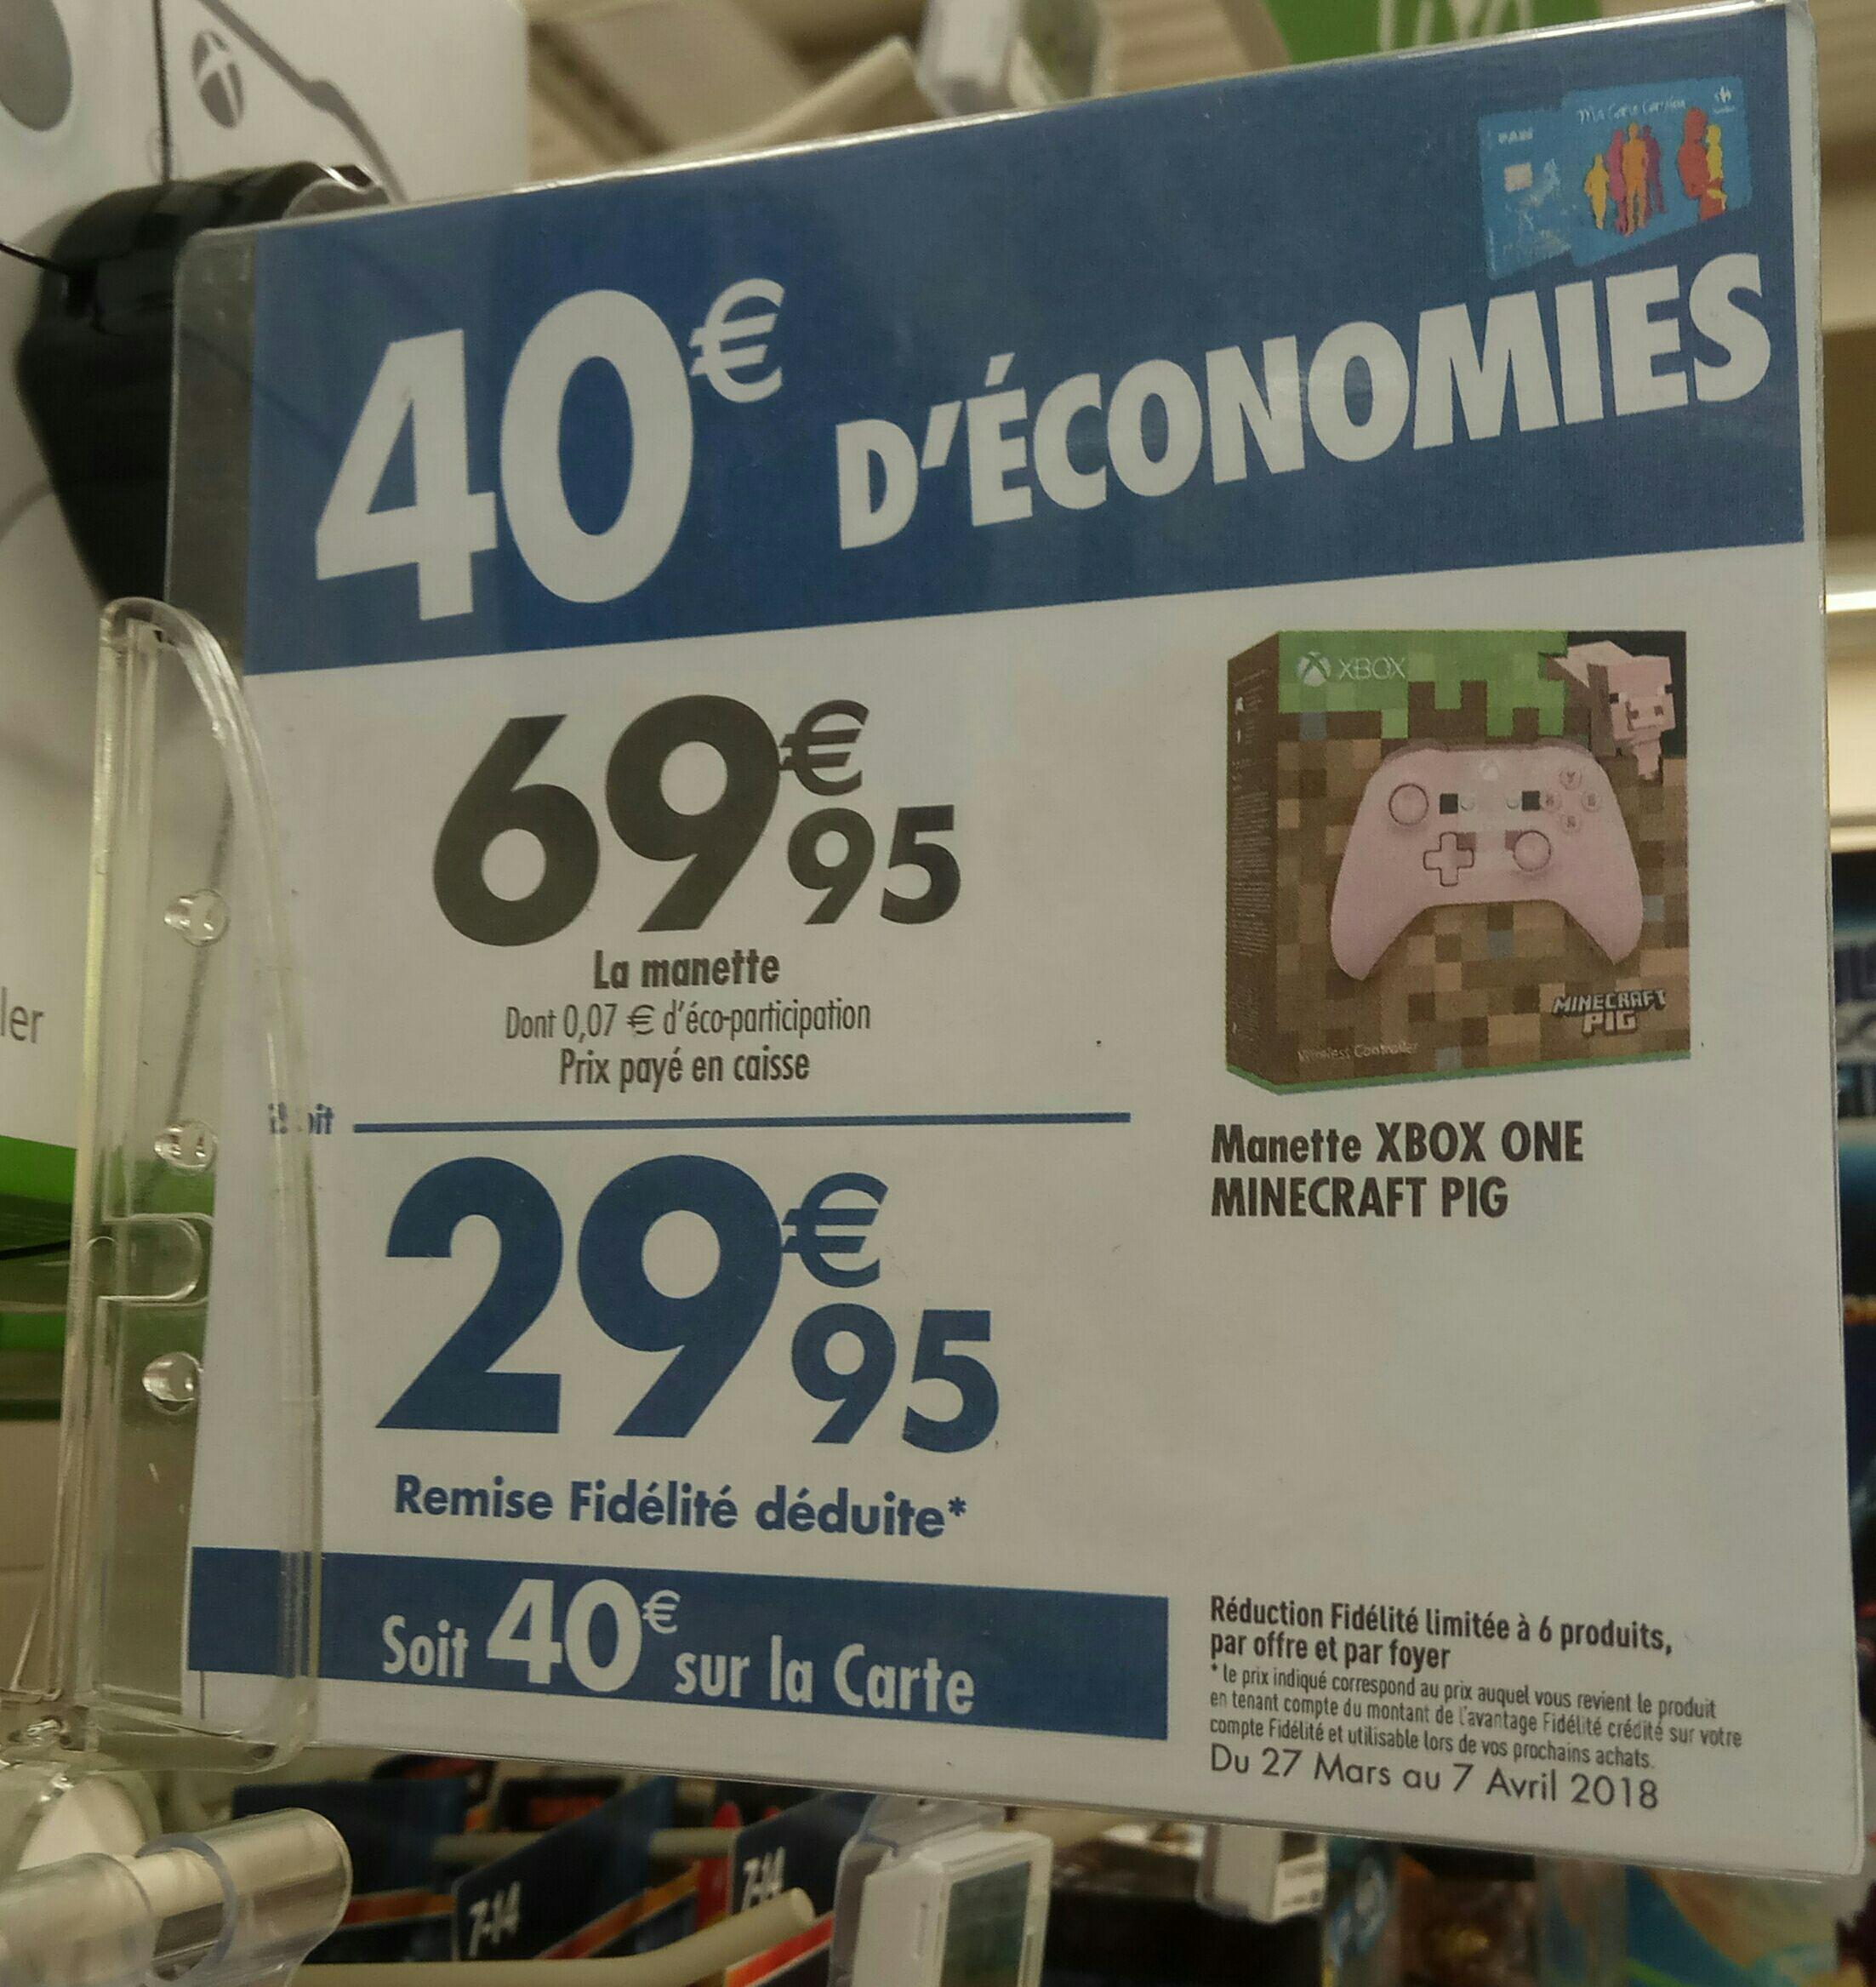 Manette de jeu Microsoft Xbox One Minecraft Pig - rose (via 40€ sur la carte de fidélité) - Thionville (57)